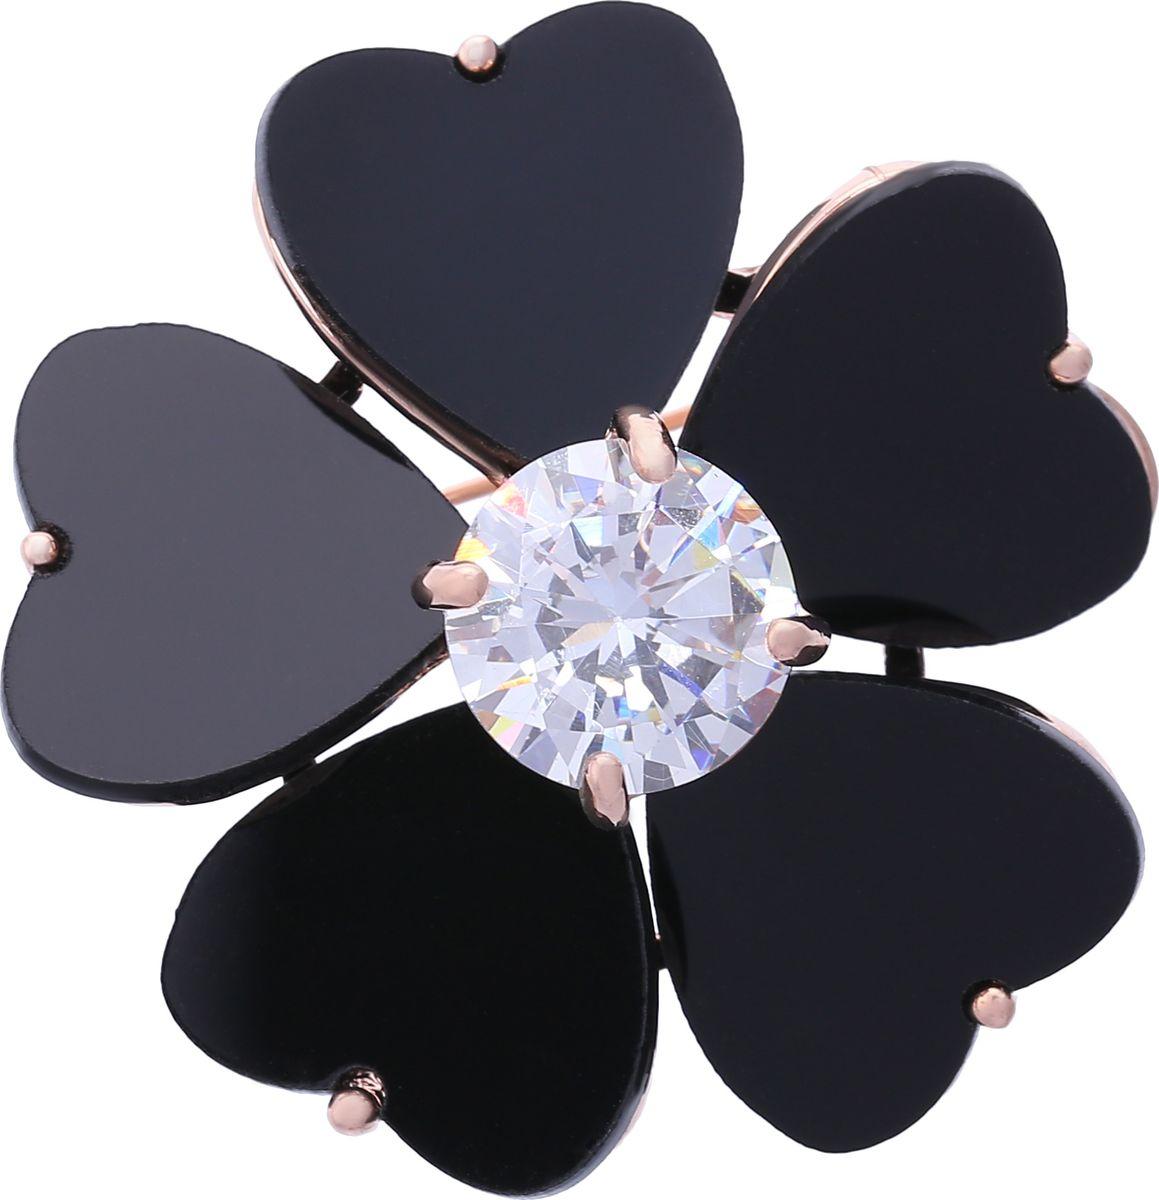 Брошь Модные истории, цвет: черный. 19/0336/03019/0336/030Стильная брошь в виде цветка. Выполнена из бижутерного сплава золотистого цвета, декорированная черными вставками и камнем имитирующим алмаз . Застежка булавка. Размер броши: 4*4см.